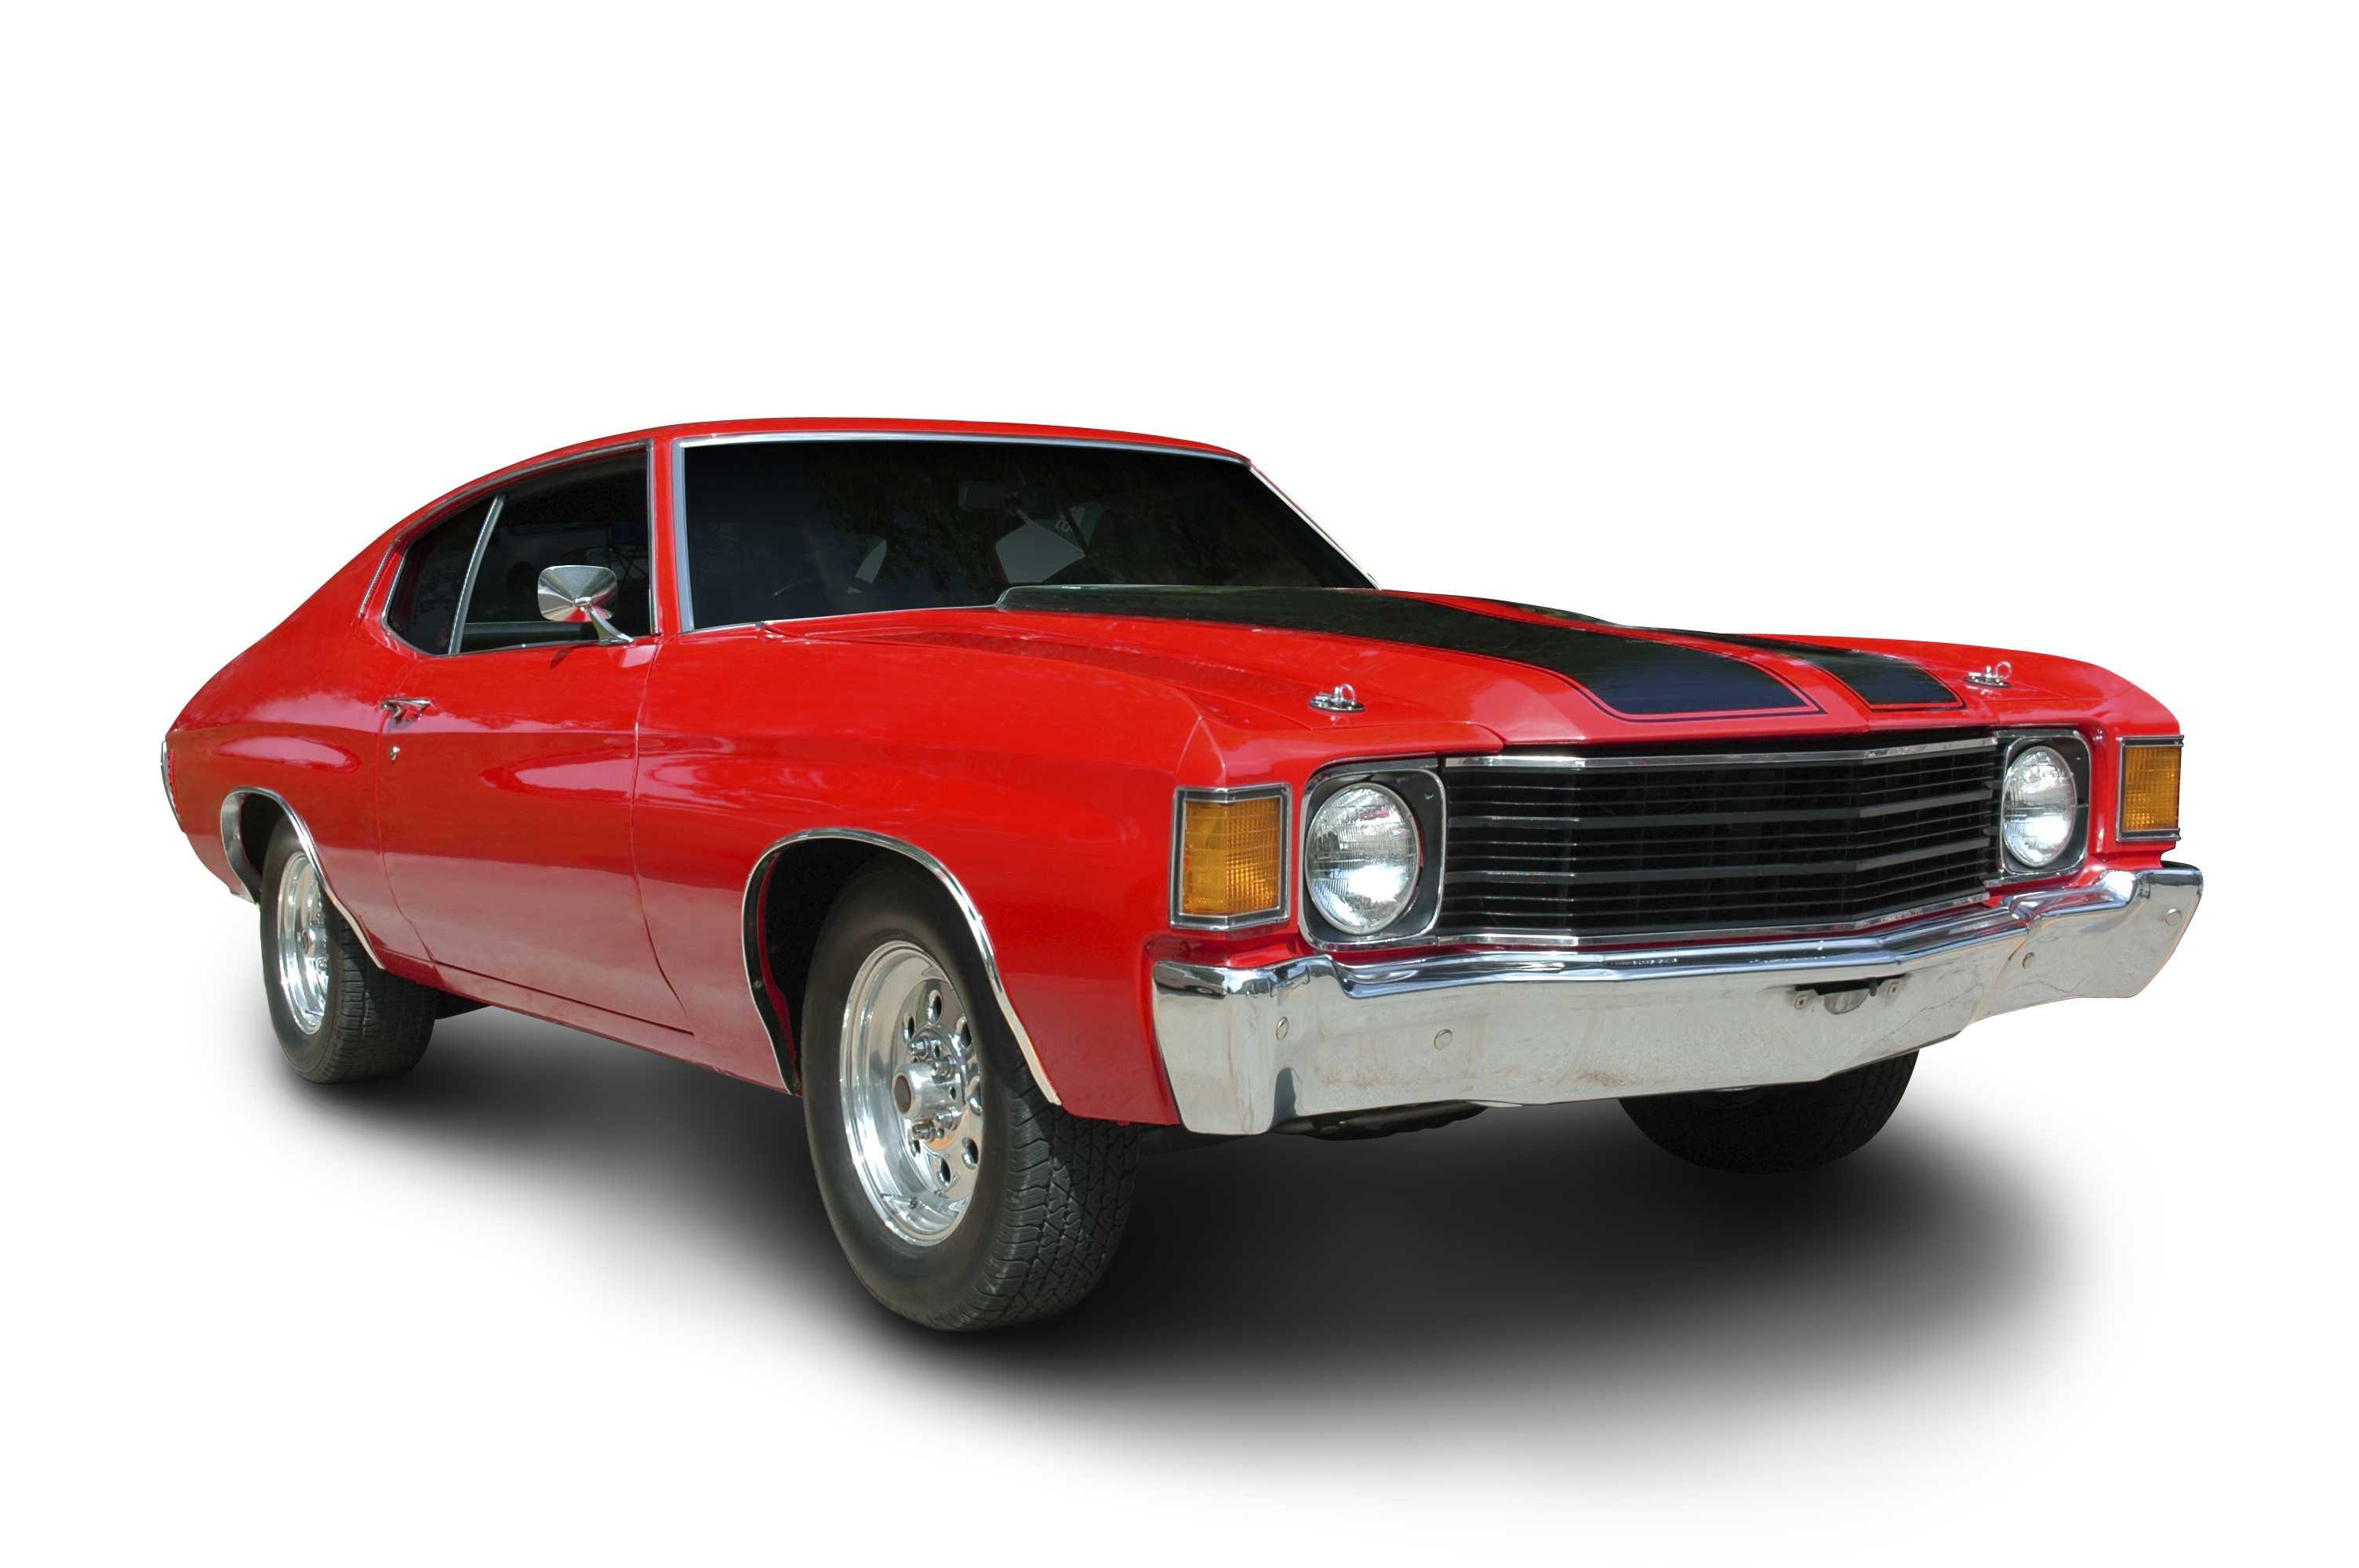 Il motore difettoso della Chevrolet